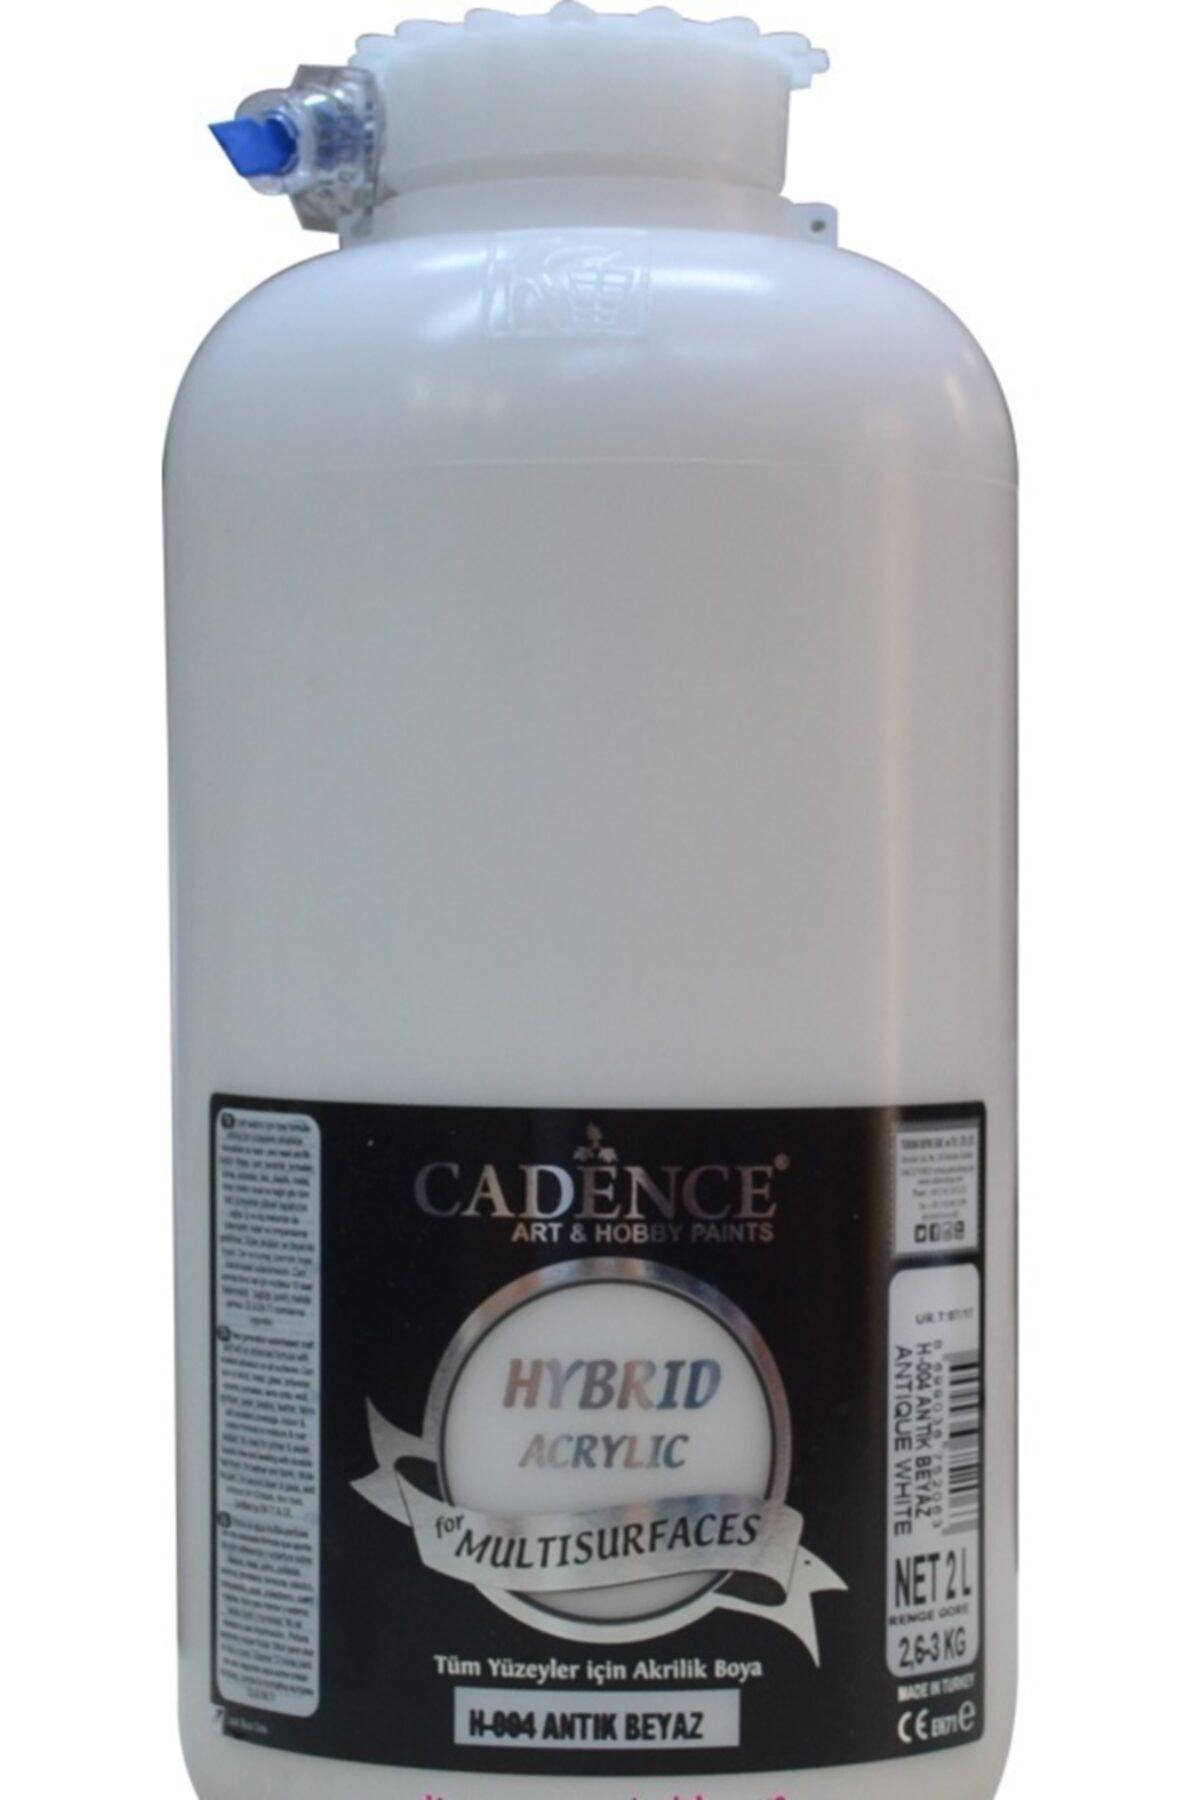 Cadence Antik Beyaz Hybrid Multisurface Akrilik Boya 2 L H-004 1